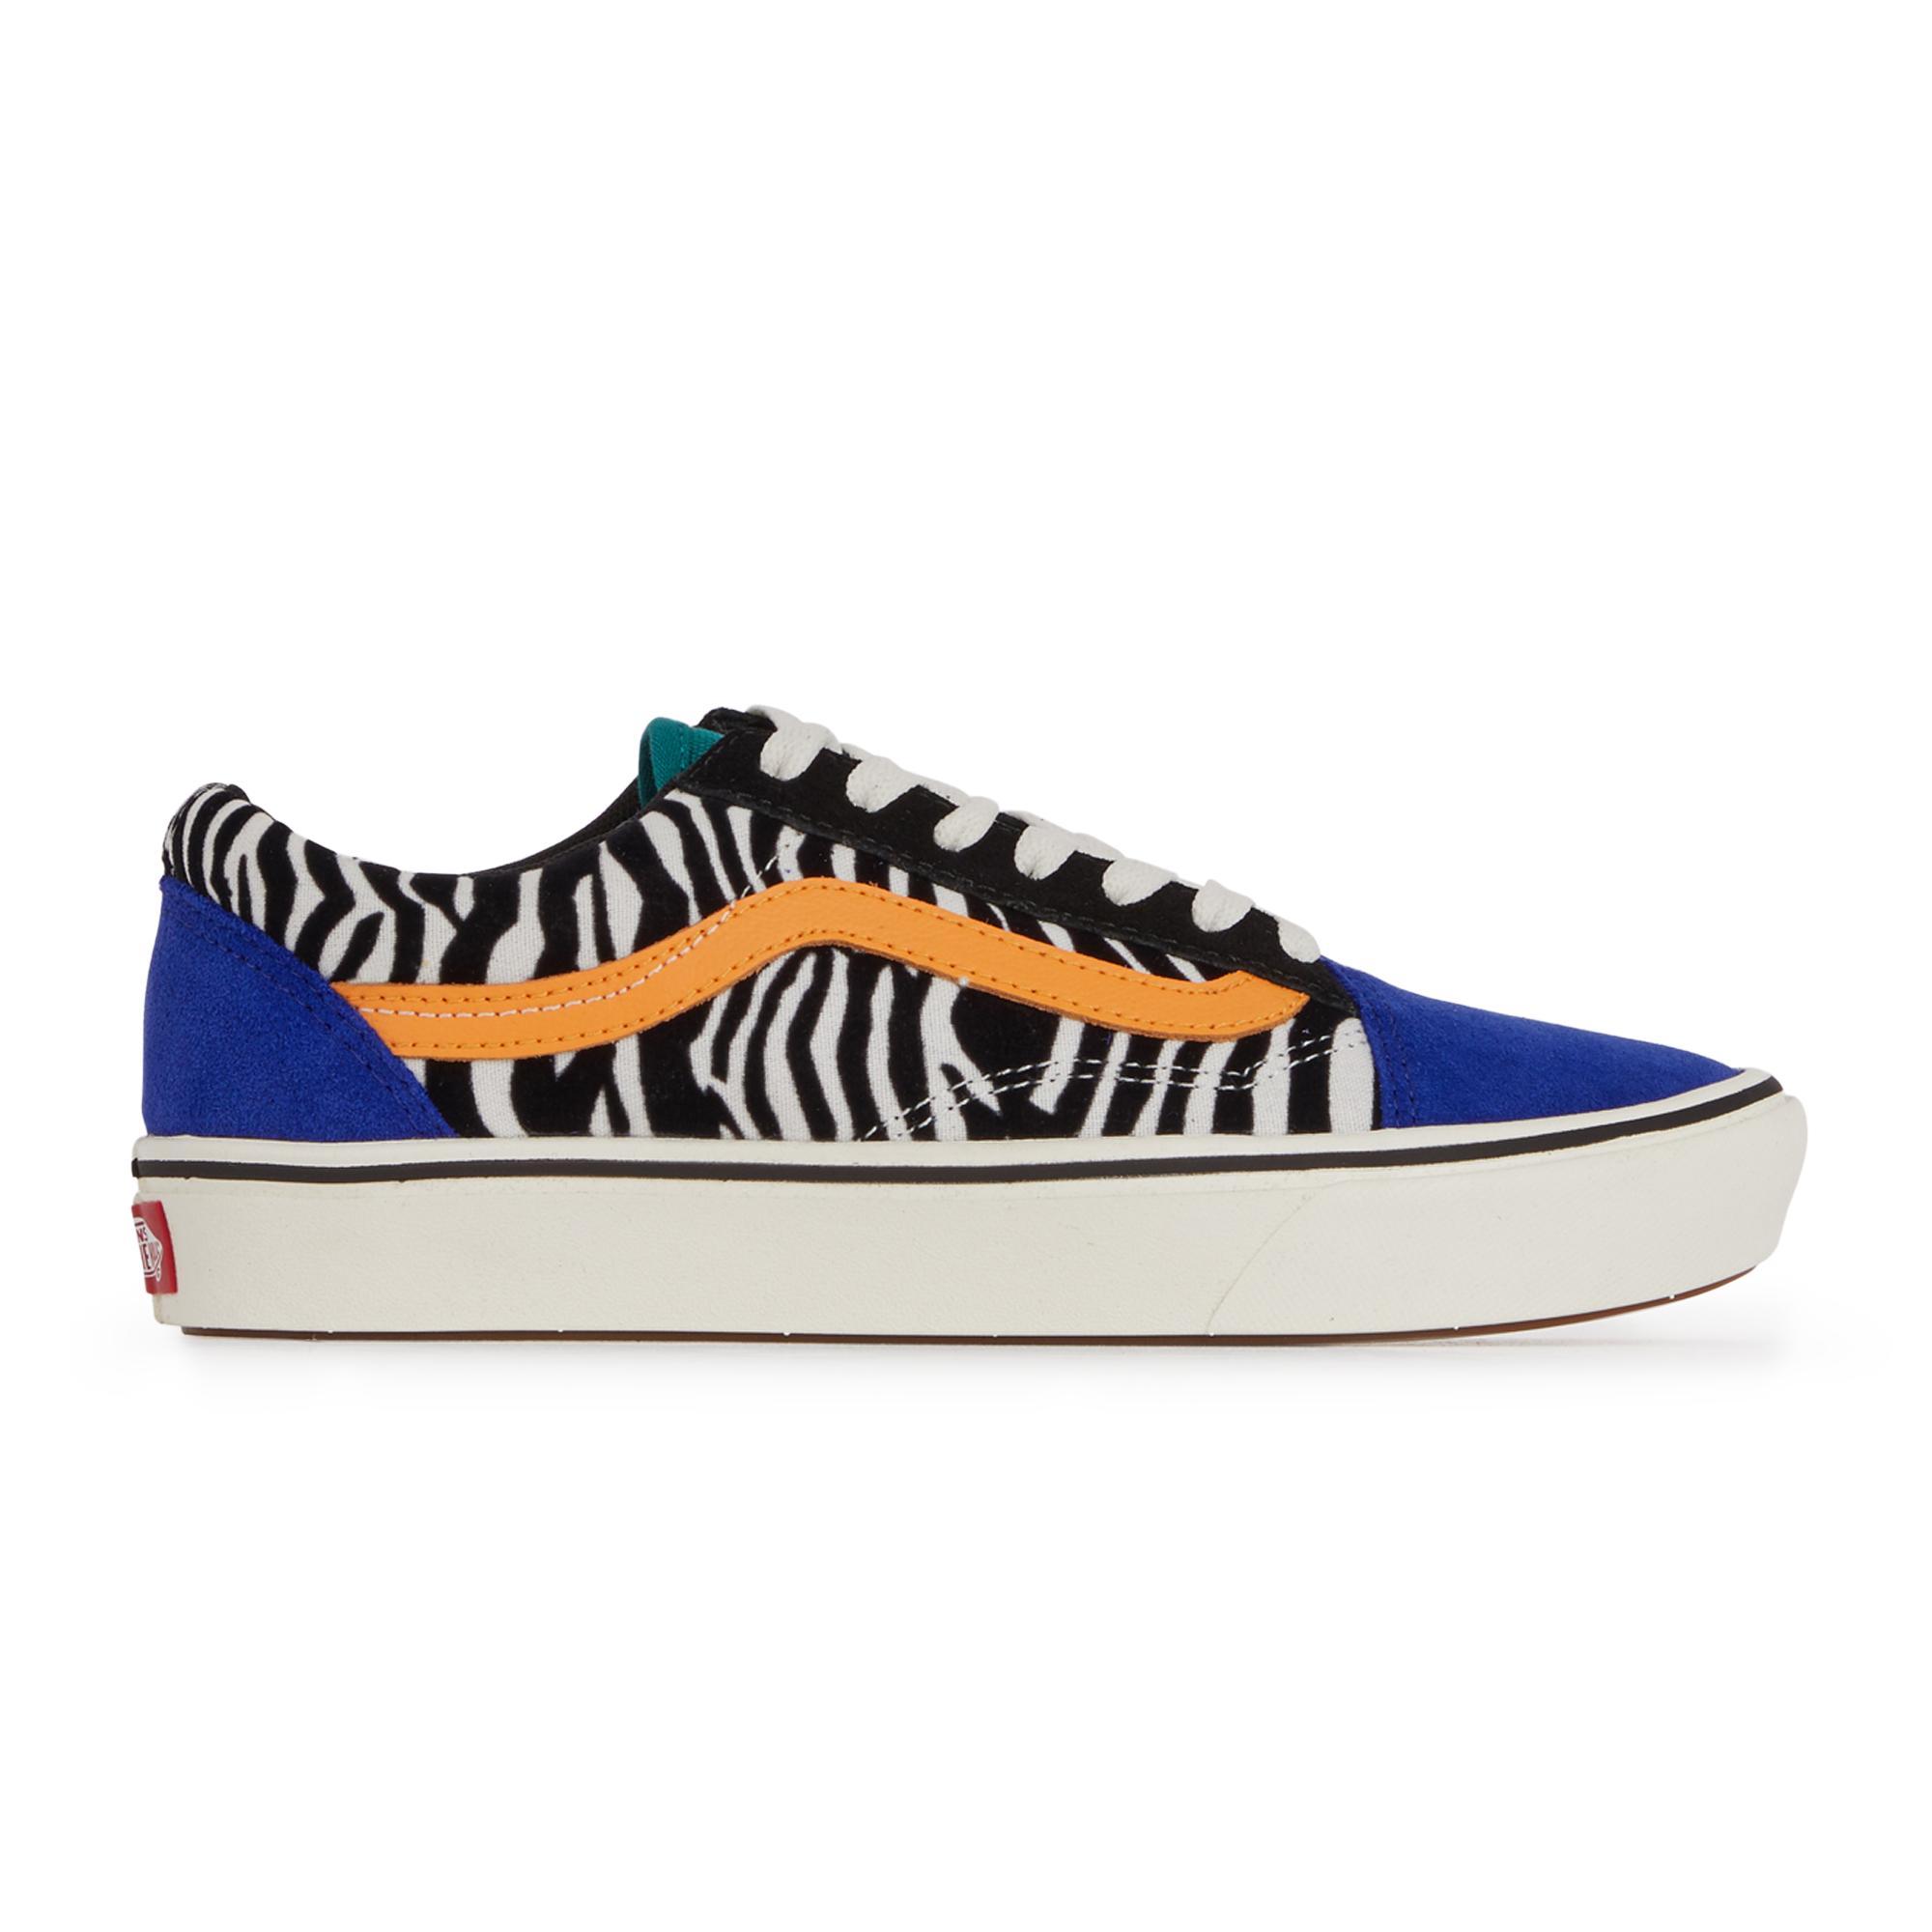 Soldes > vans zebre bleu > en stock